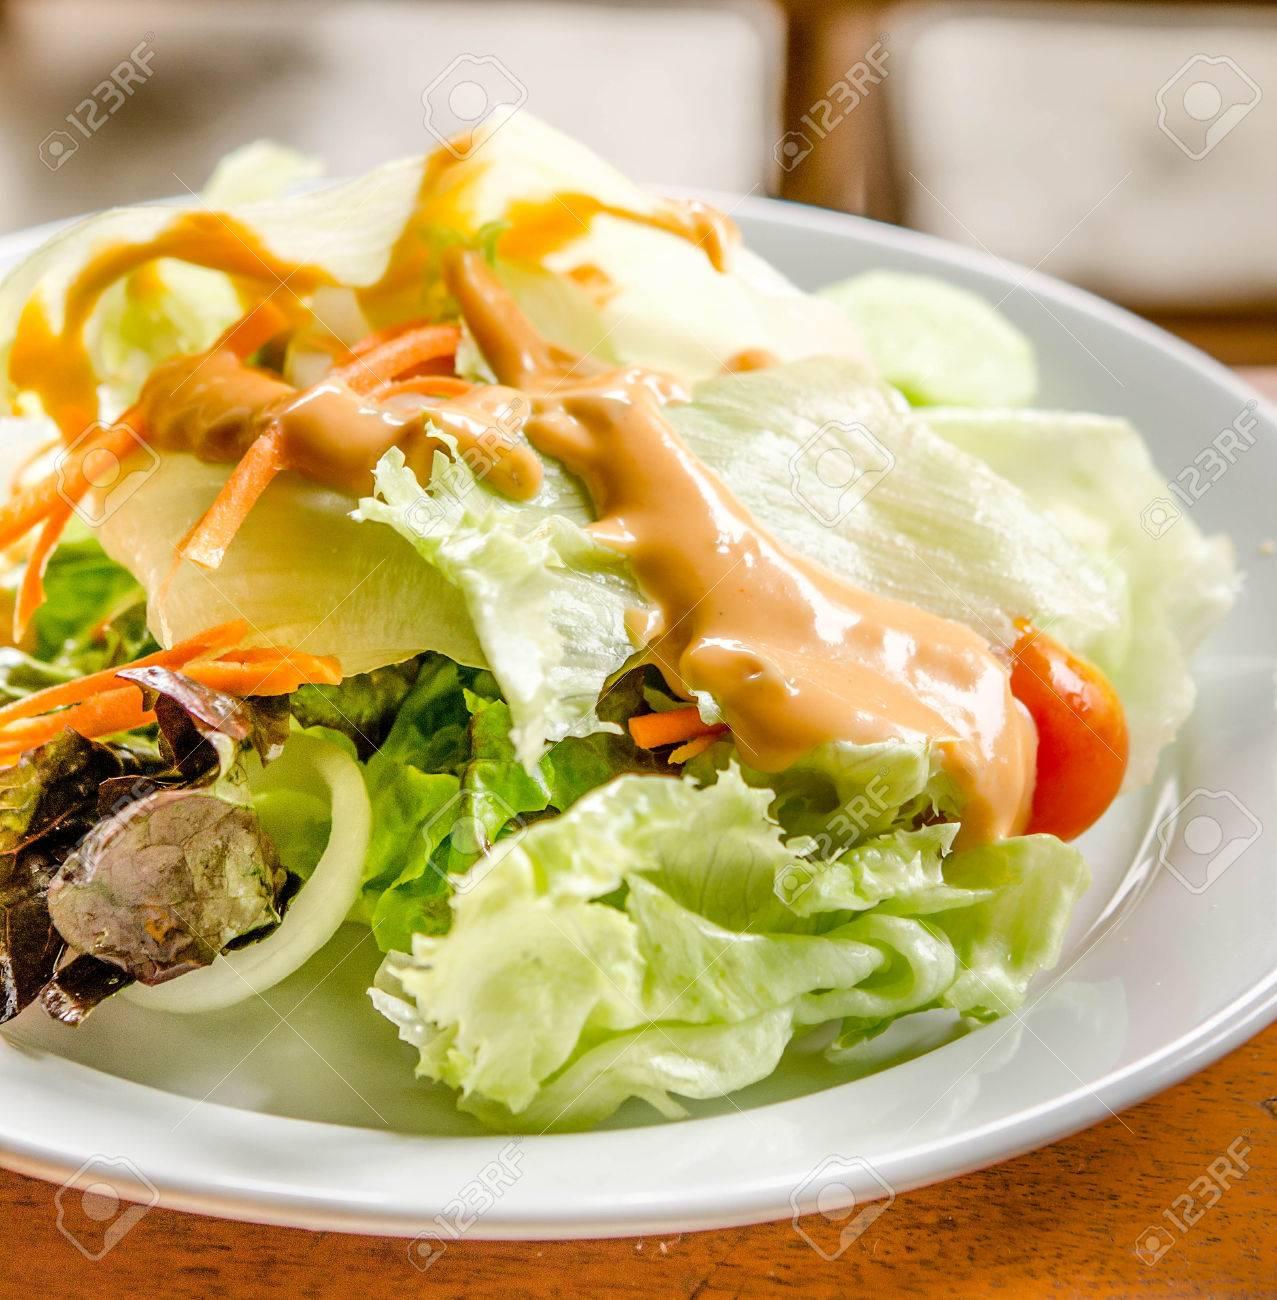 Salat Aus Frischem Gemüse Mit Thousand Island Dressing Lizenzfreie